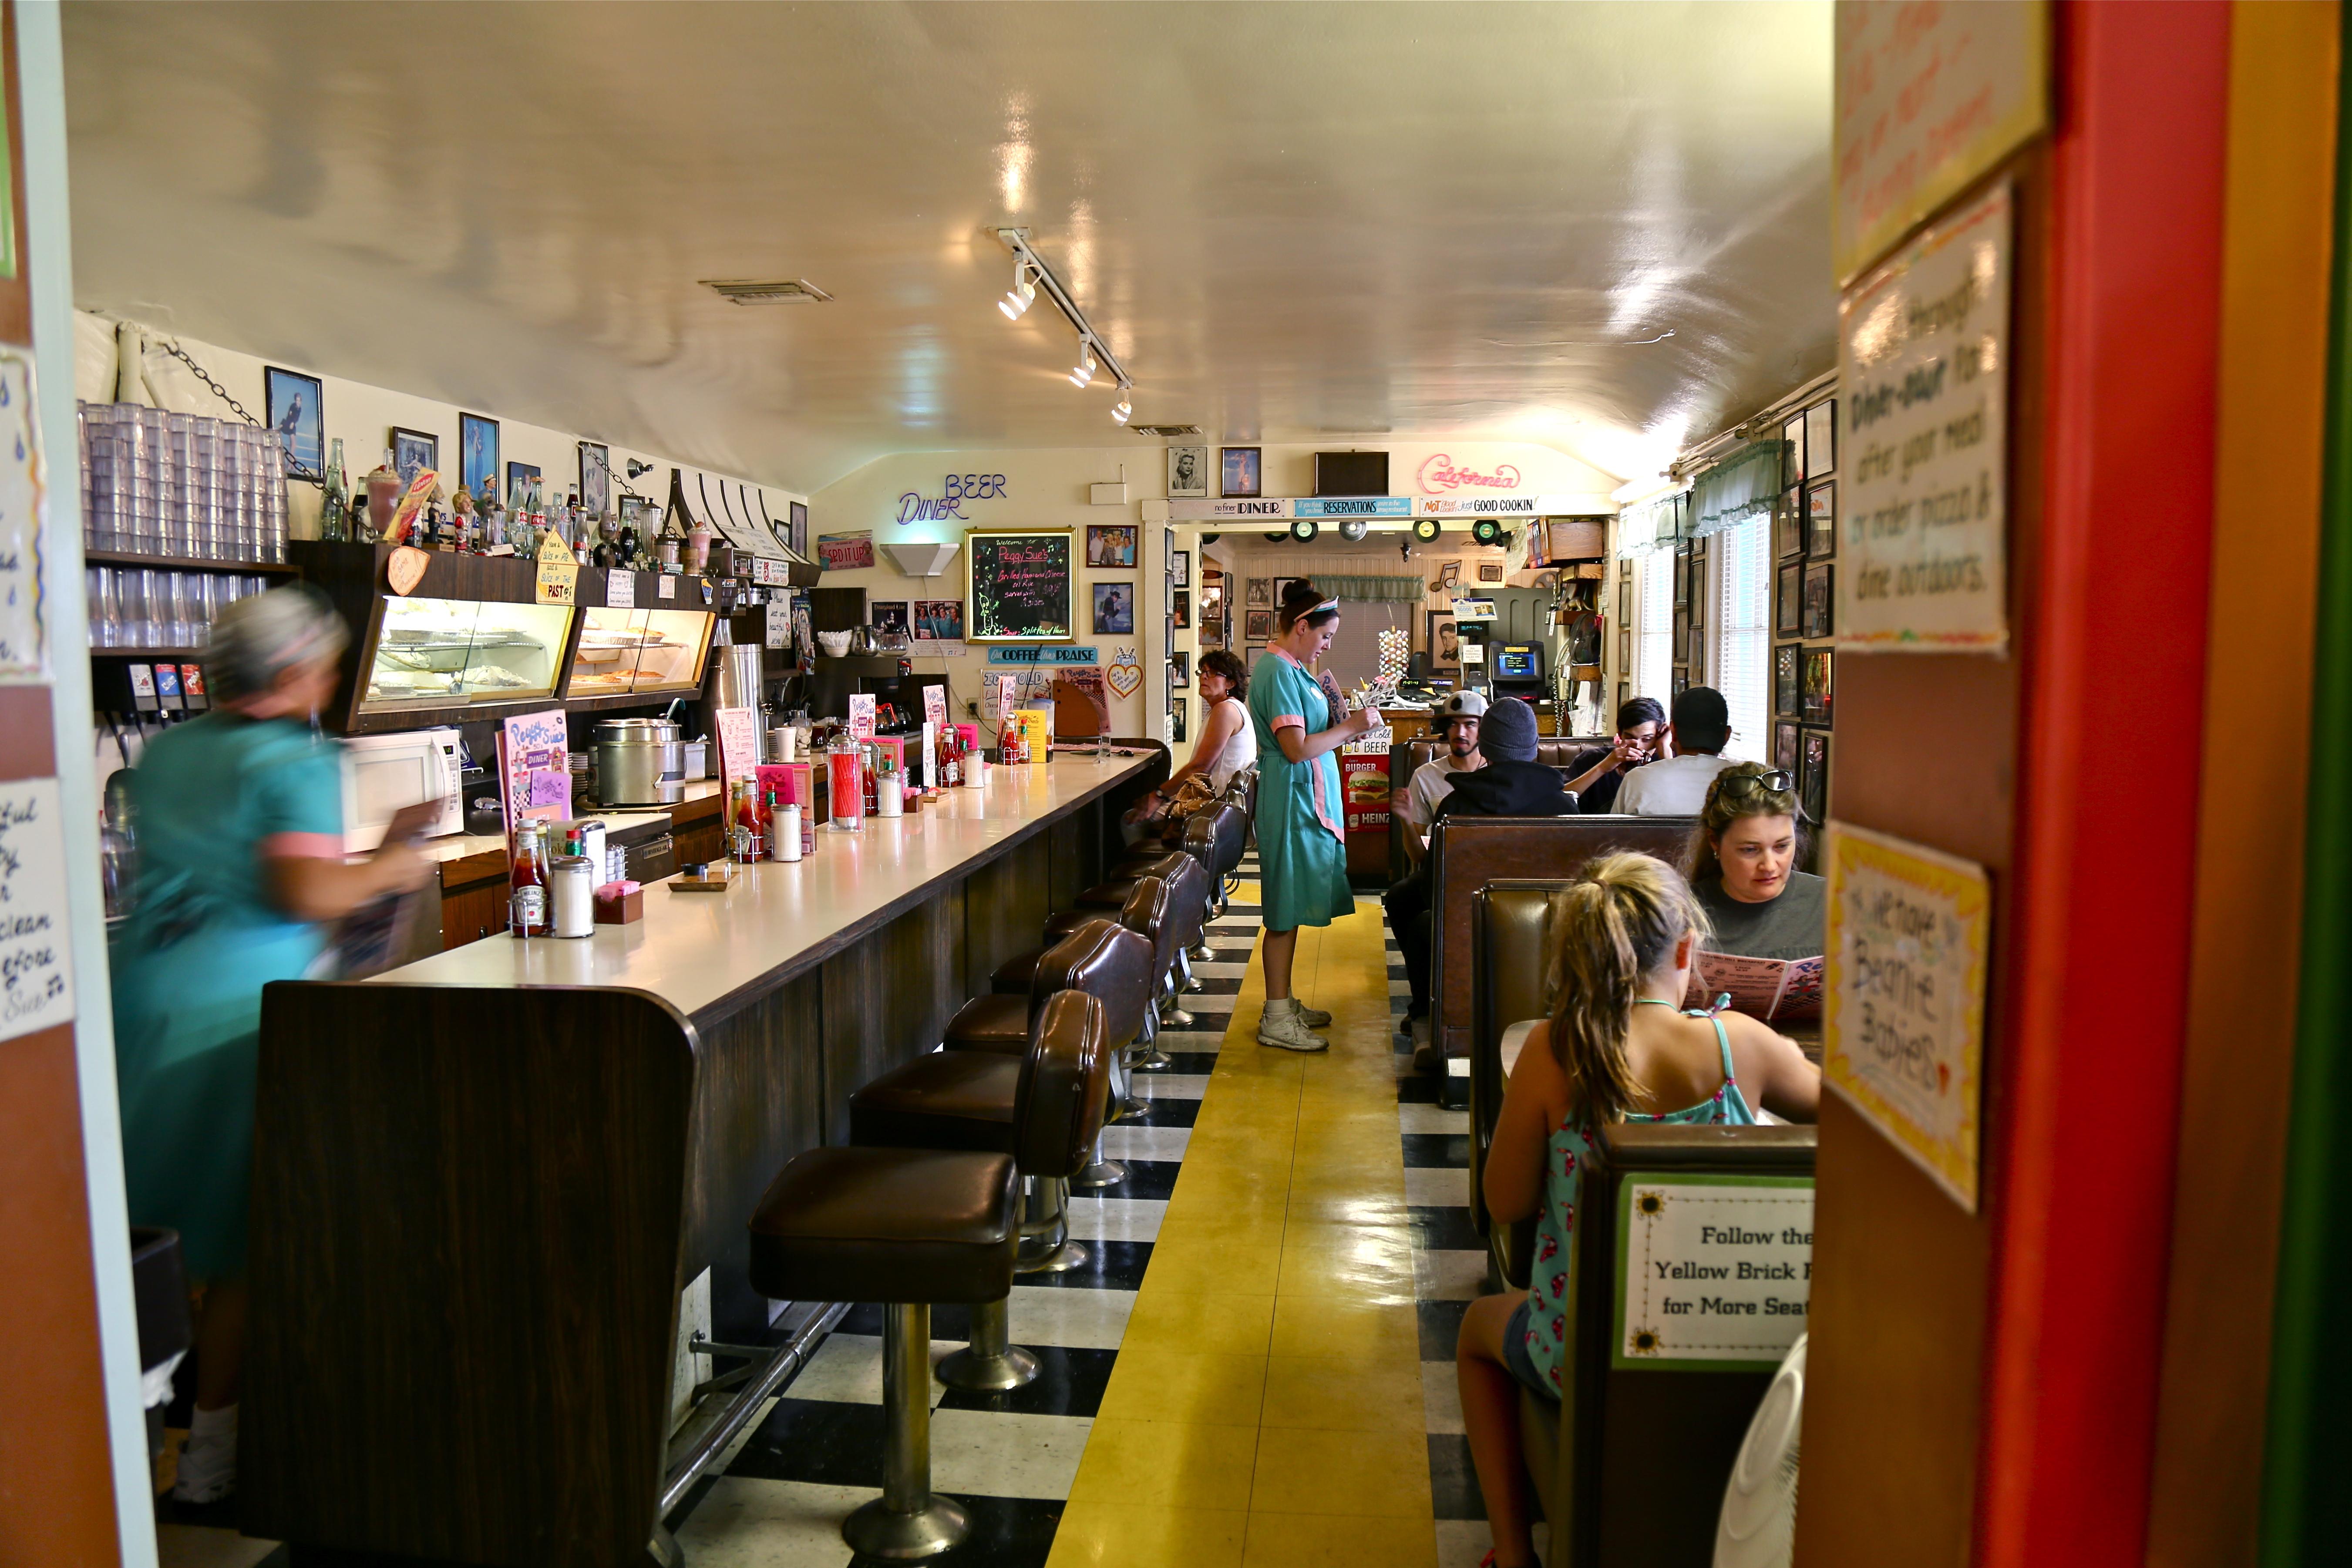 Dressing À L Américaine commander dans un restaurant aux etats-unis – road trip aux usa